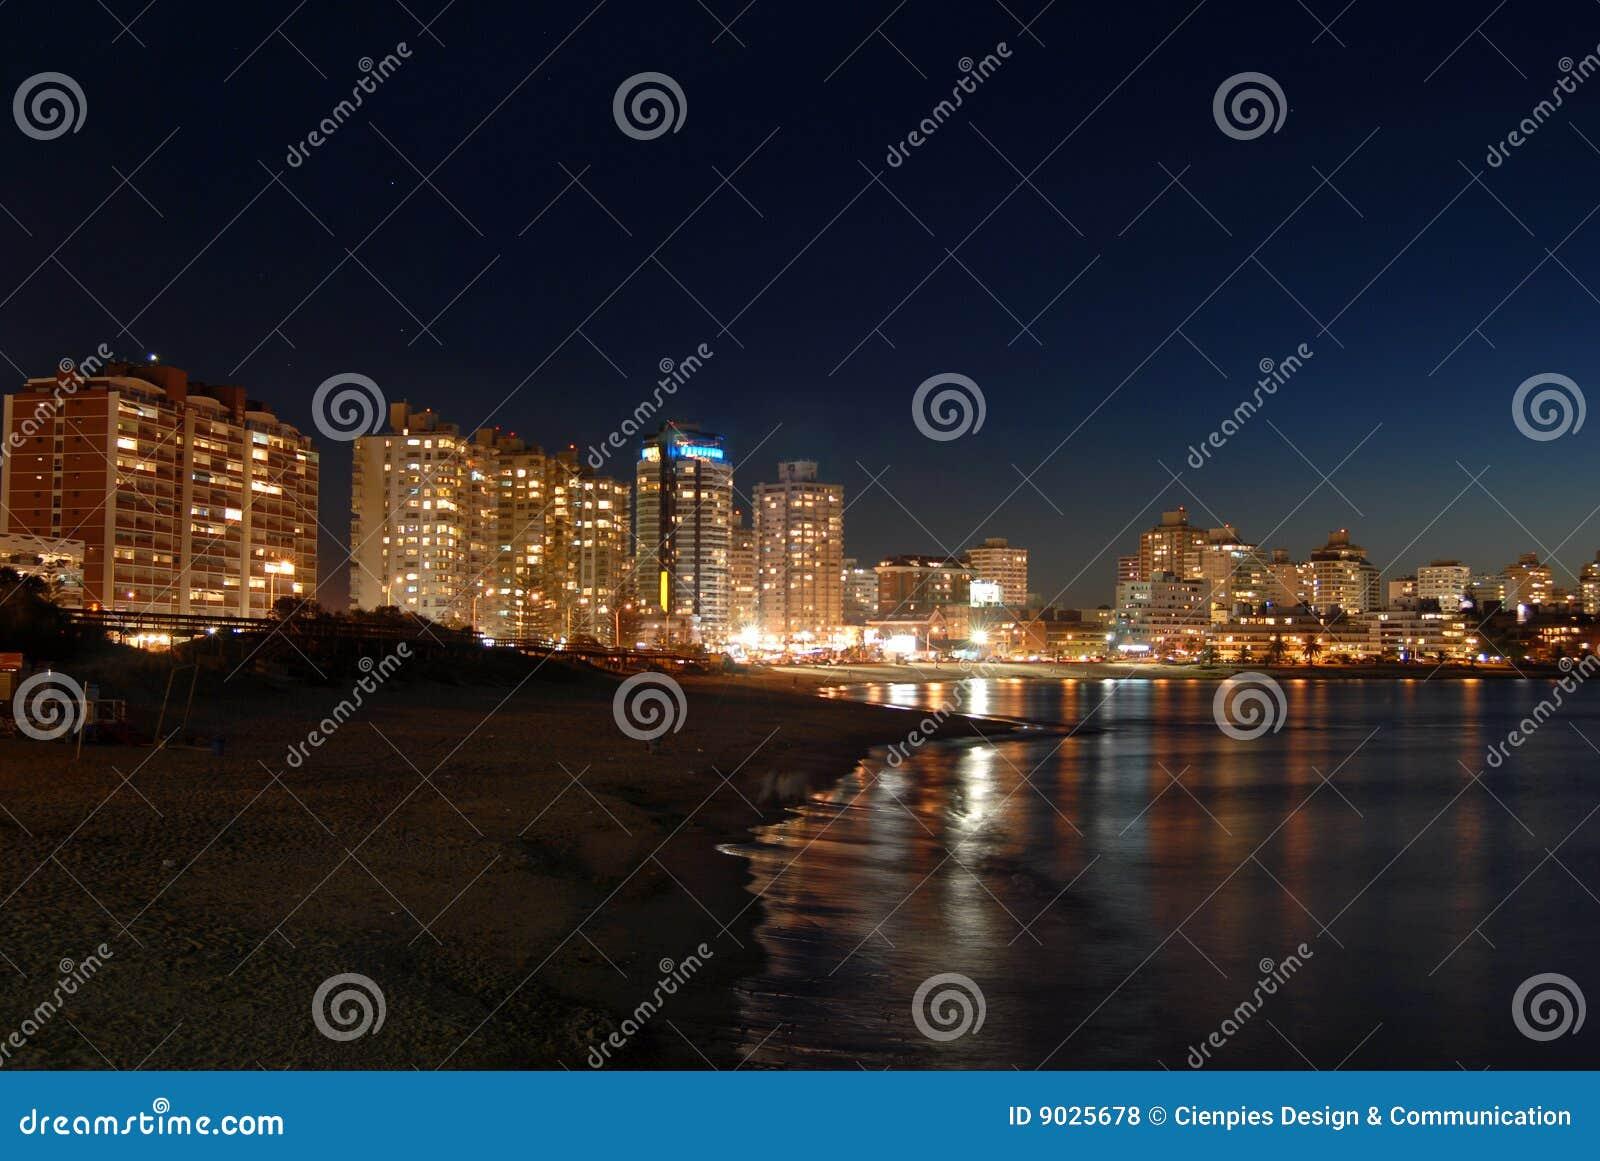 παραλία νύχτας κτηρίων